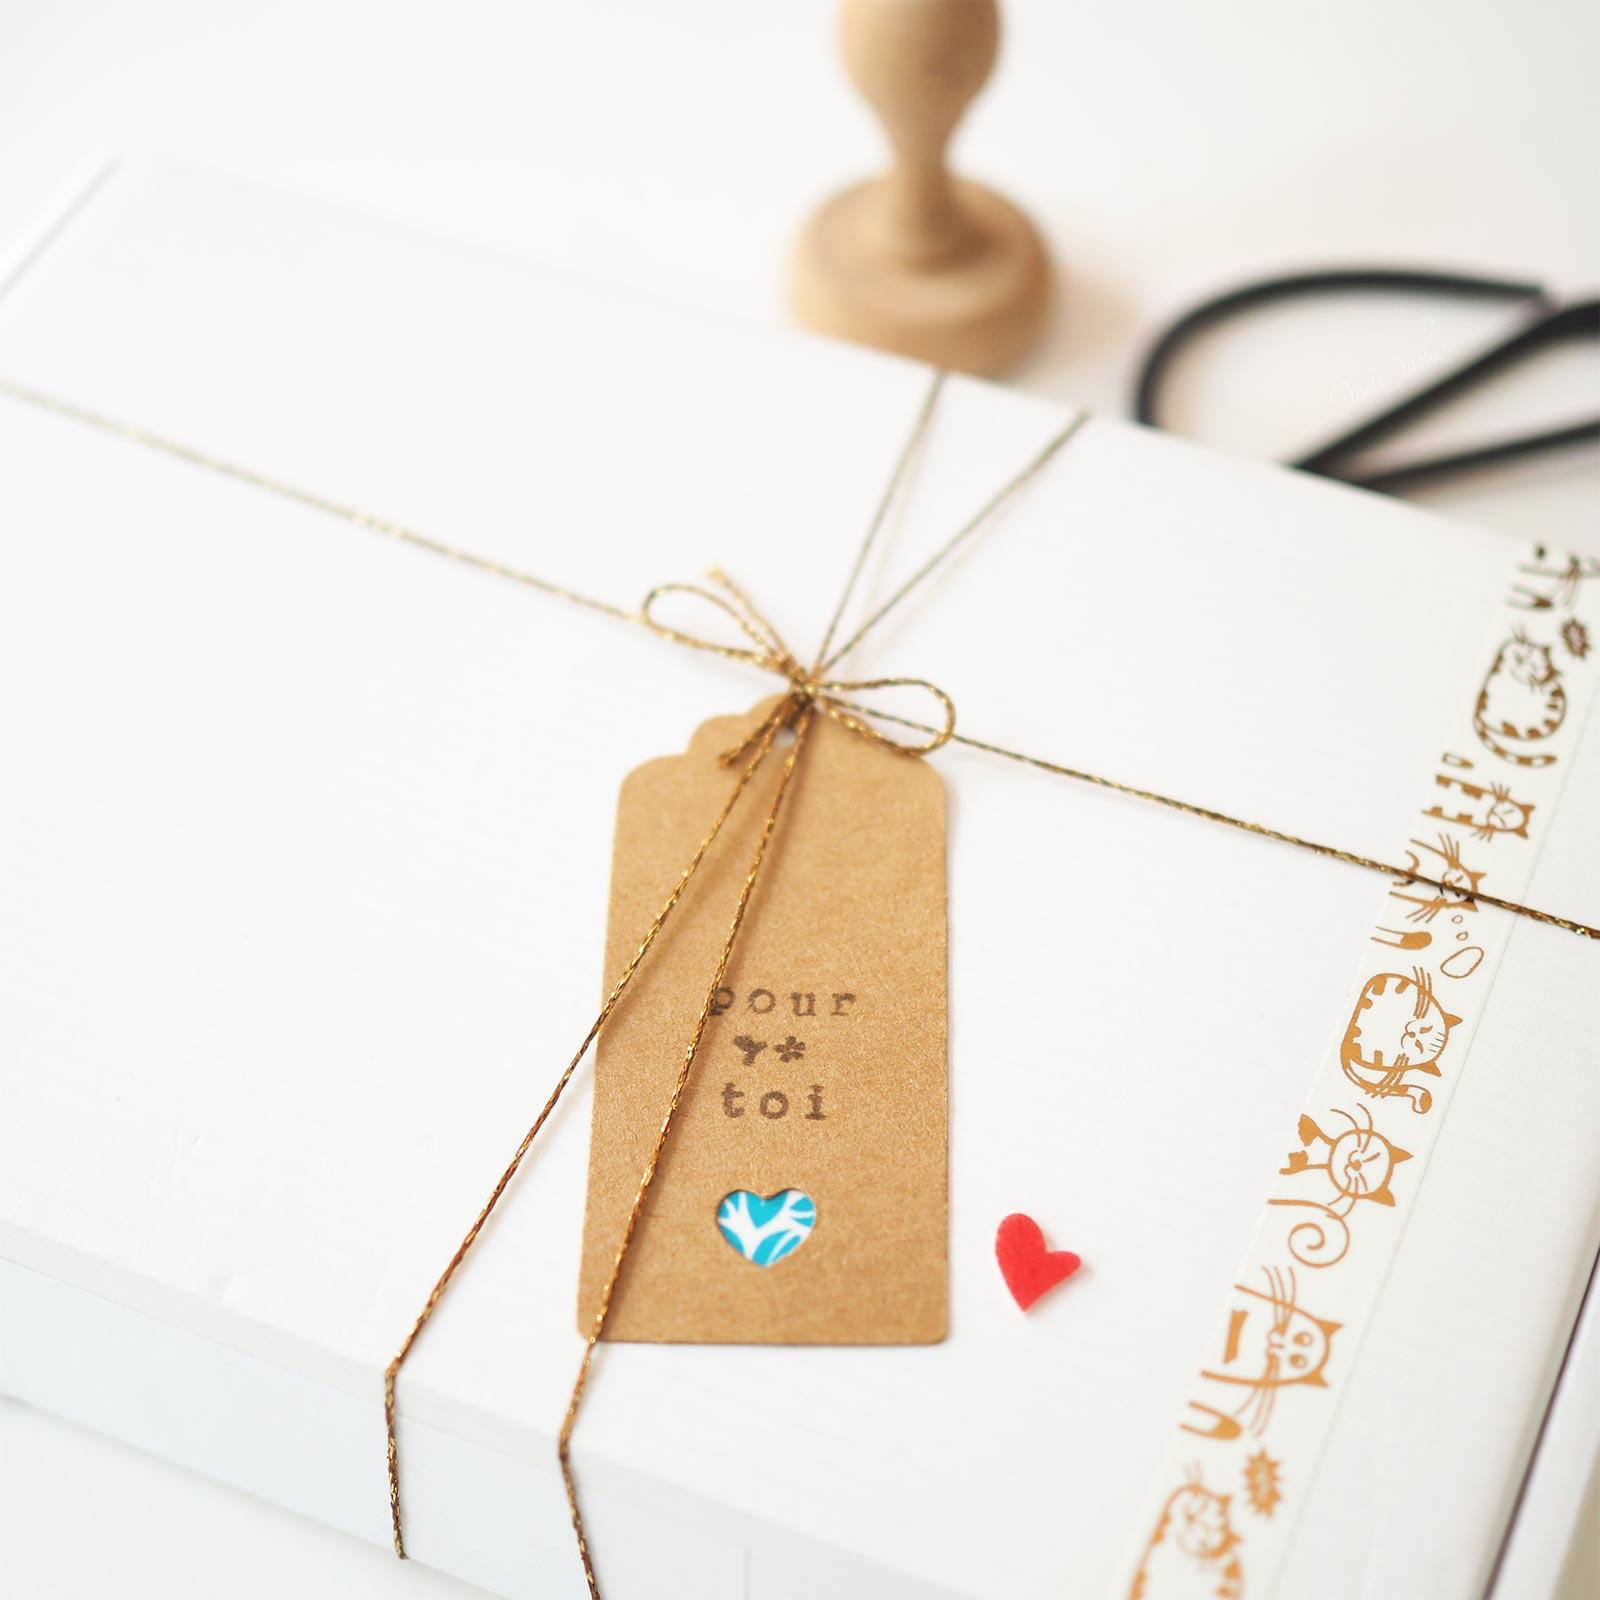 présentation cadeau anniversaire laboutiquedemelimelo